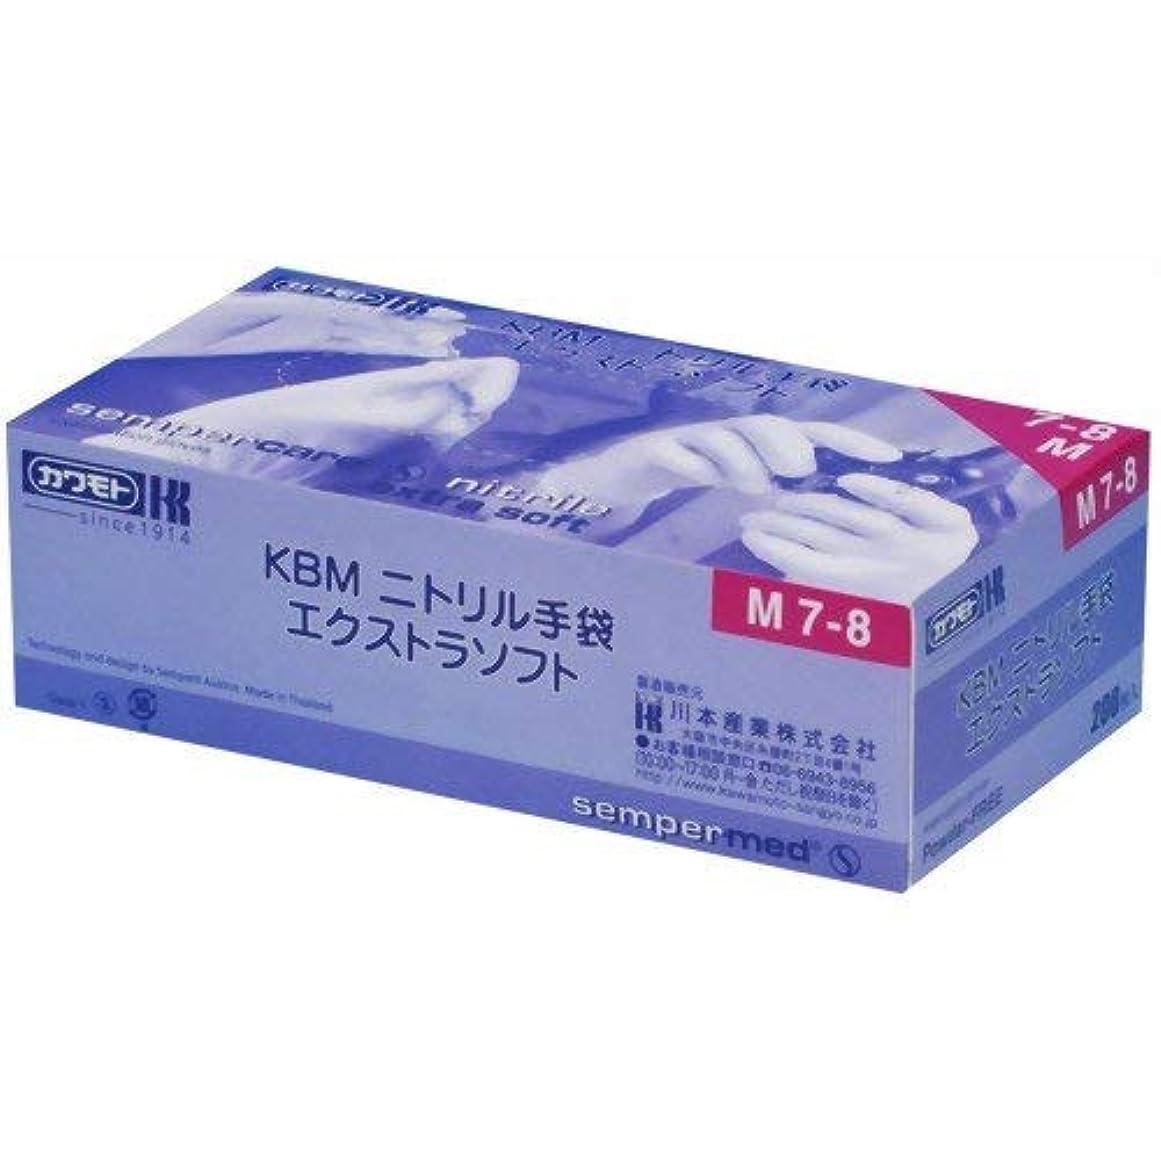 山岳コンペ年金受給者川本産業 KBMニトリル手袋 エクストラソフト S 200枚入 × 48個セット